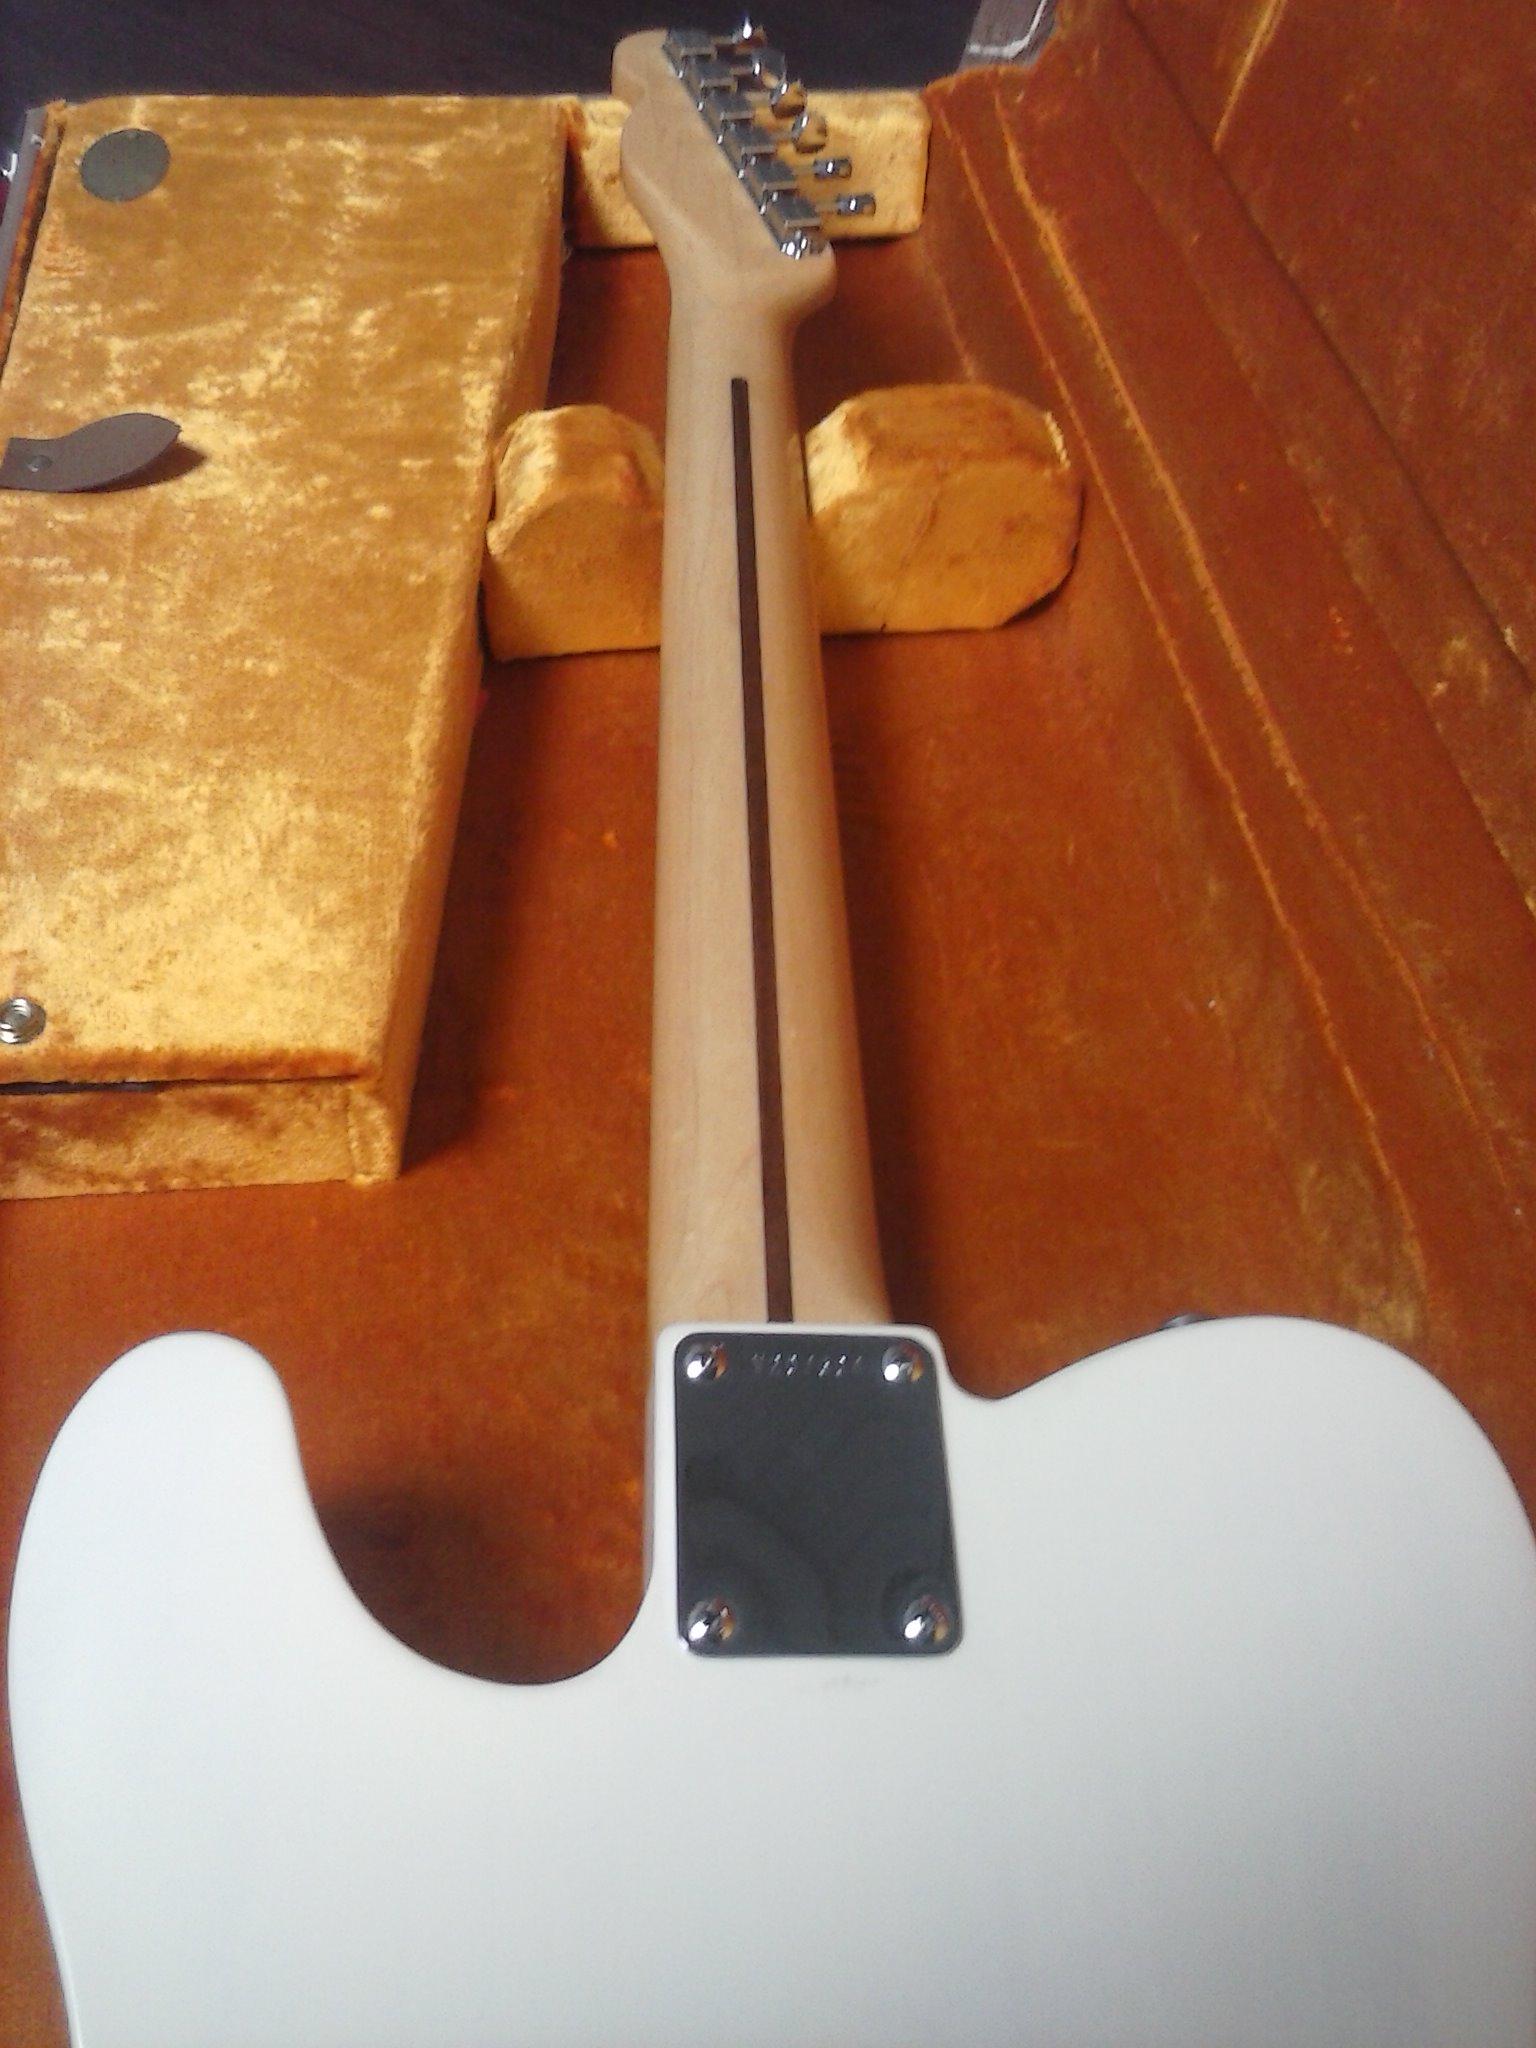 - GuitarShop, spcialiste de l'achat/vente de guitares de